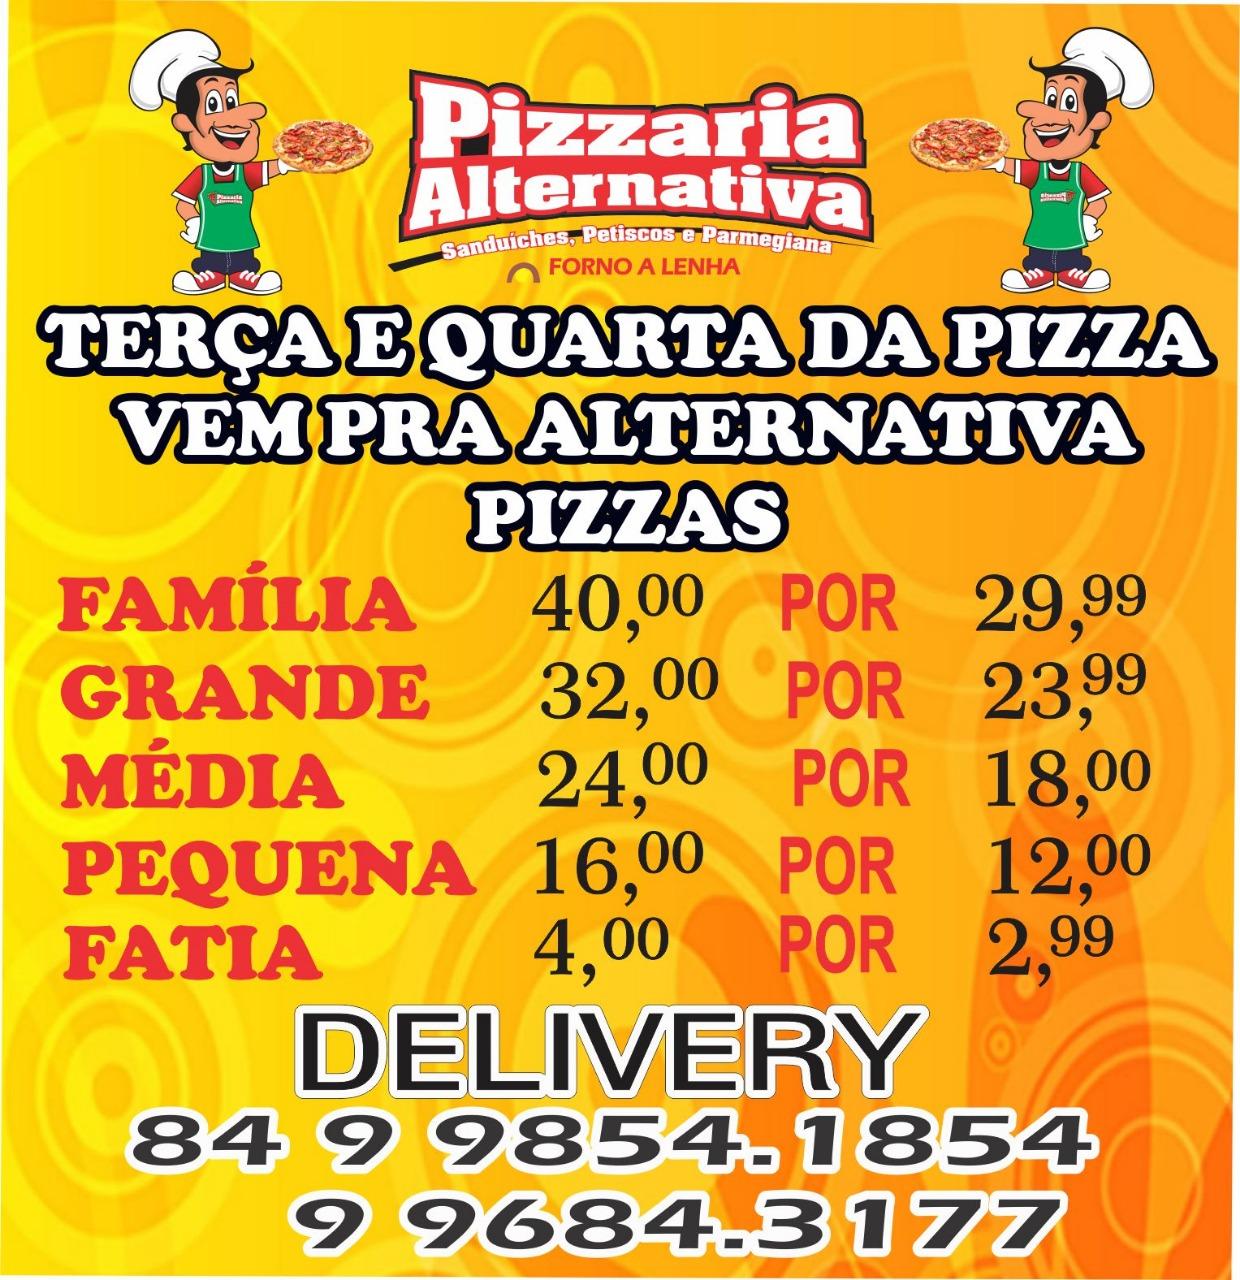 Todas as Terças e Quartas tem Promoção de Pizza na ALTERNATIVA!